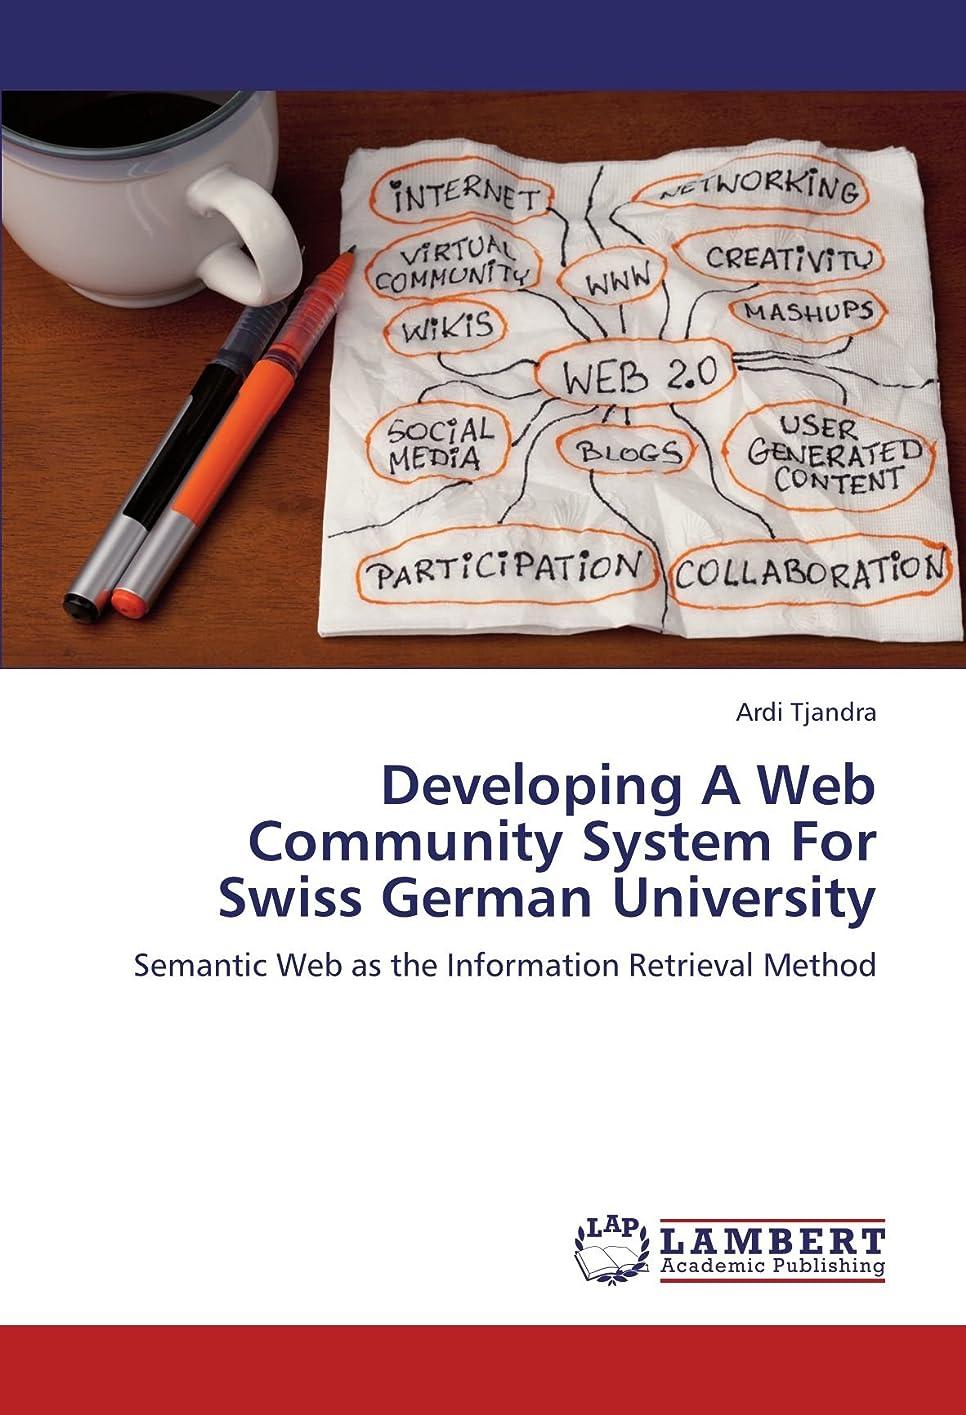 イベント密度把握Developing a Web Community System for Swiss German University